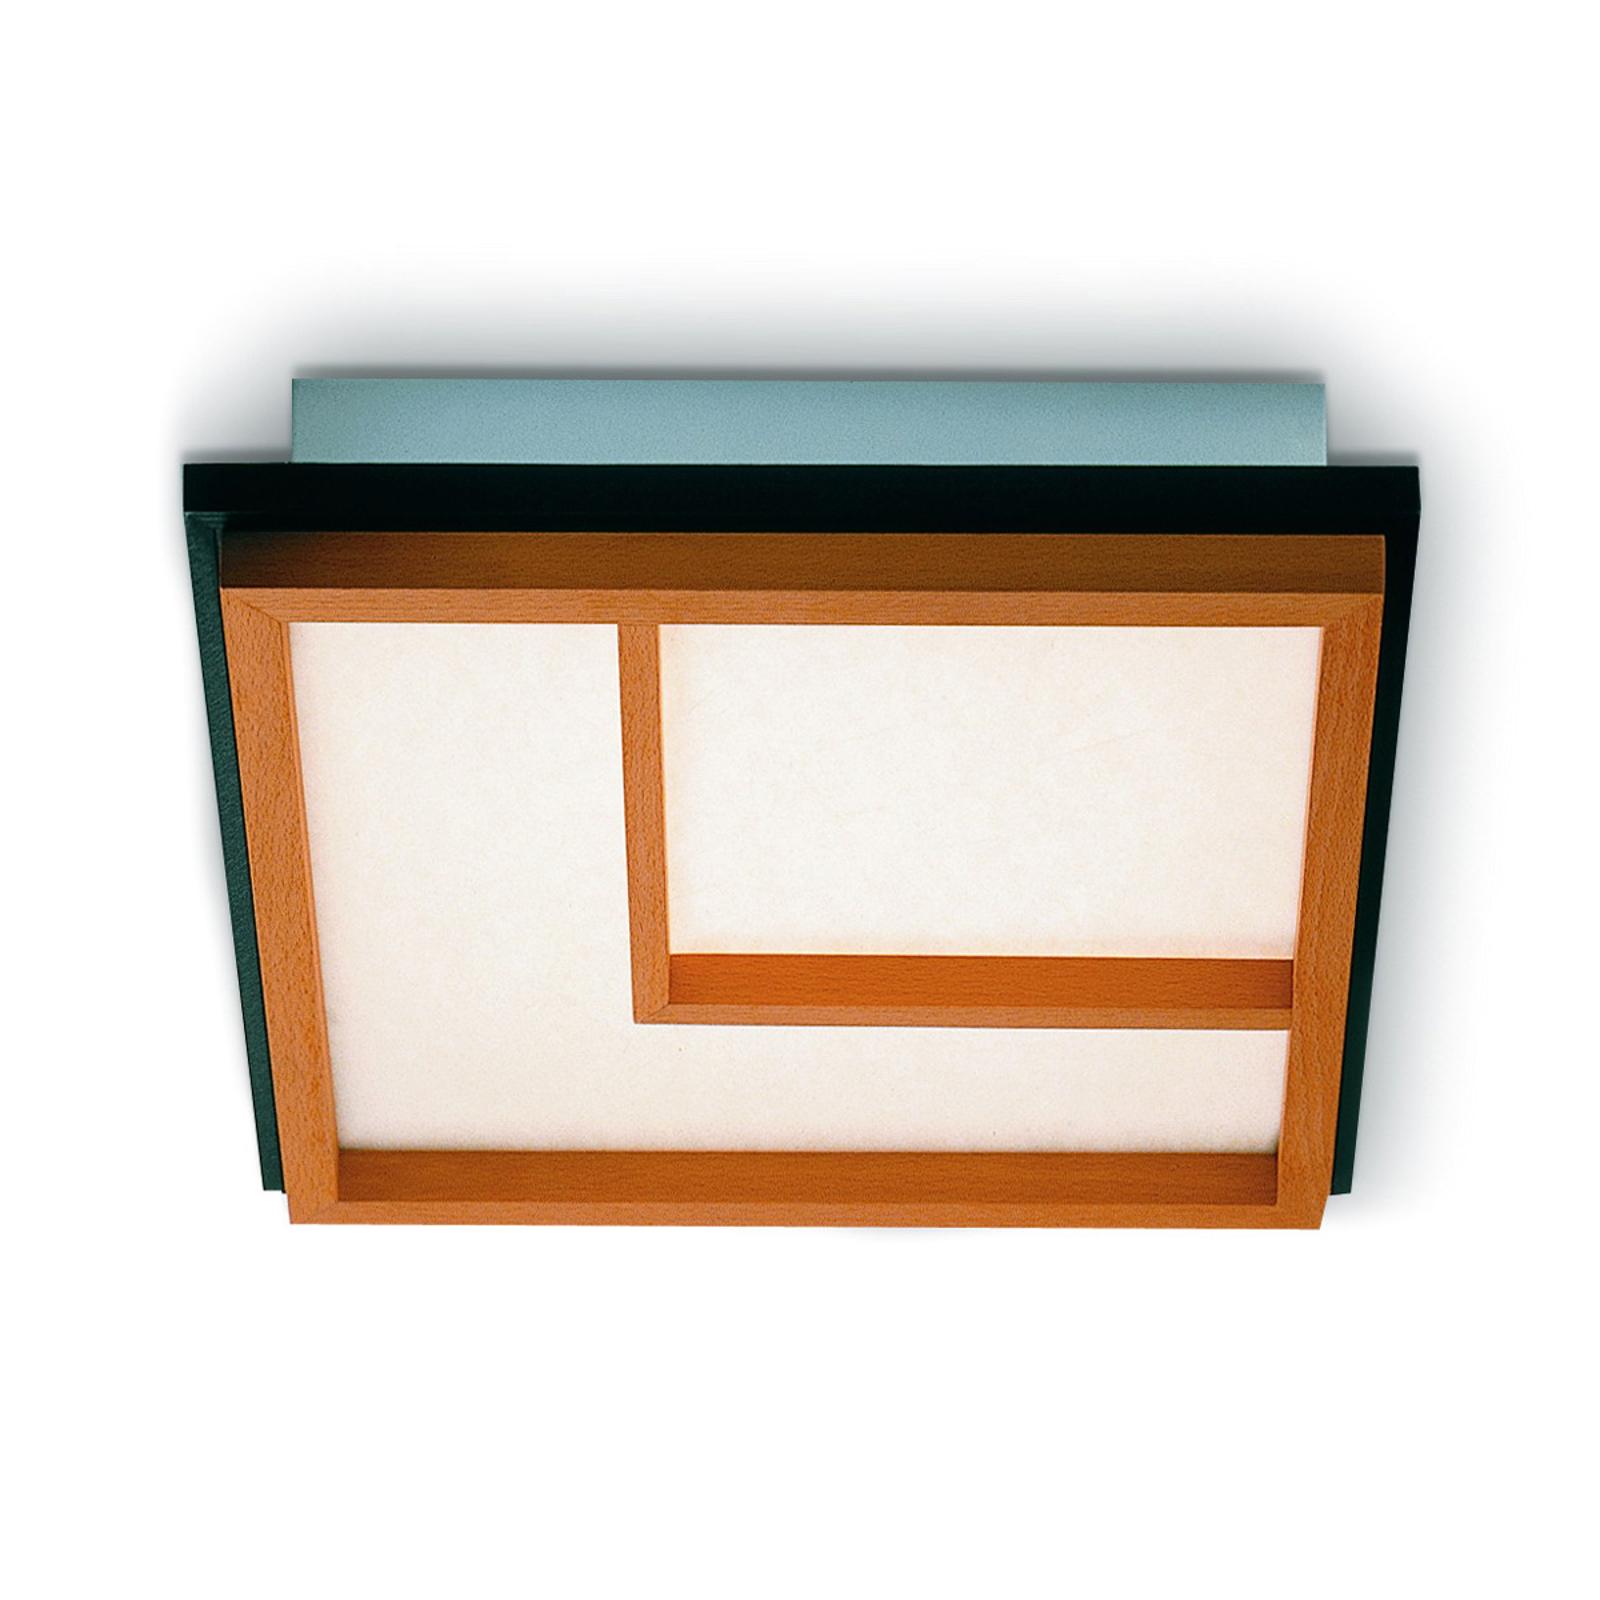 Plafonnier LED Kioto 2 en bois de hêtre